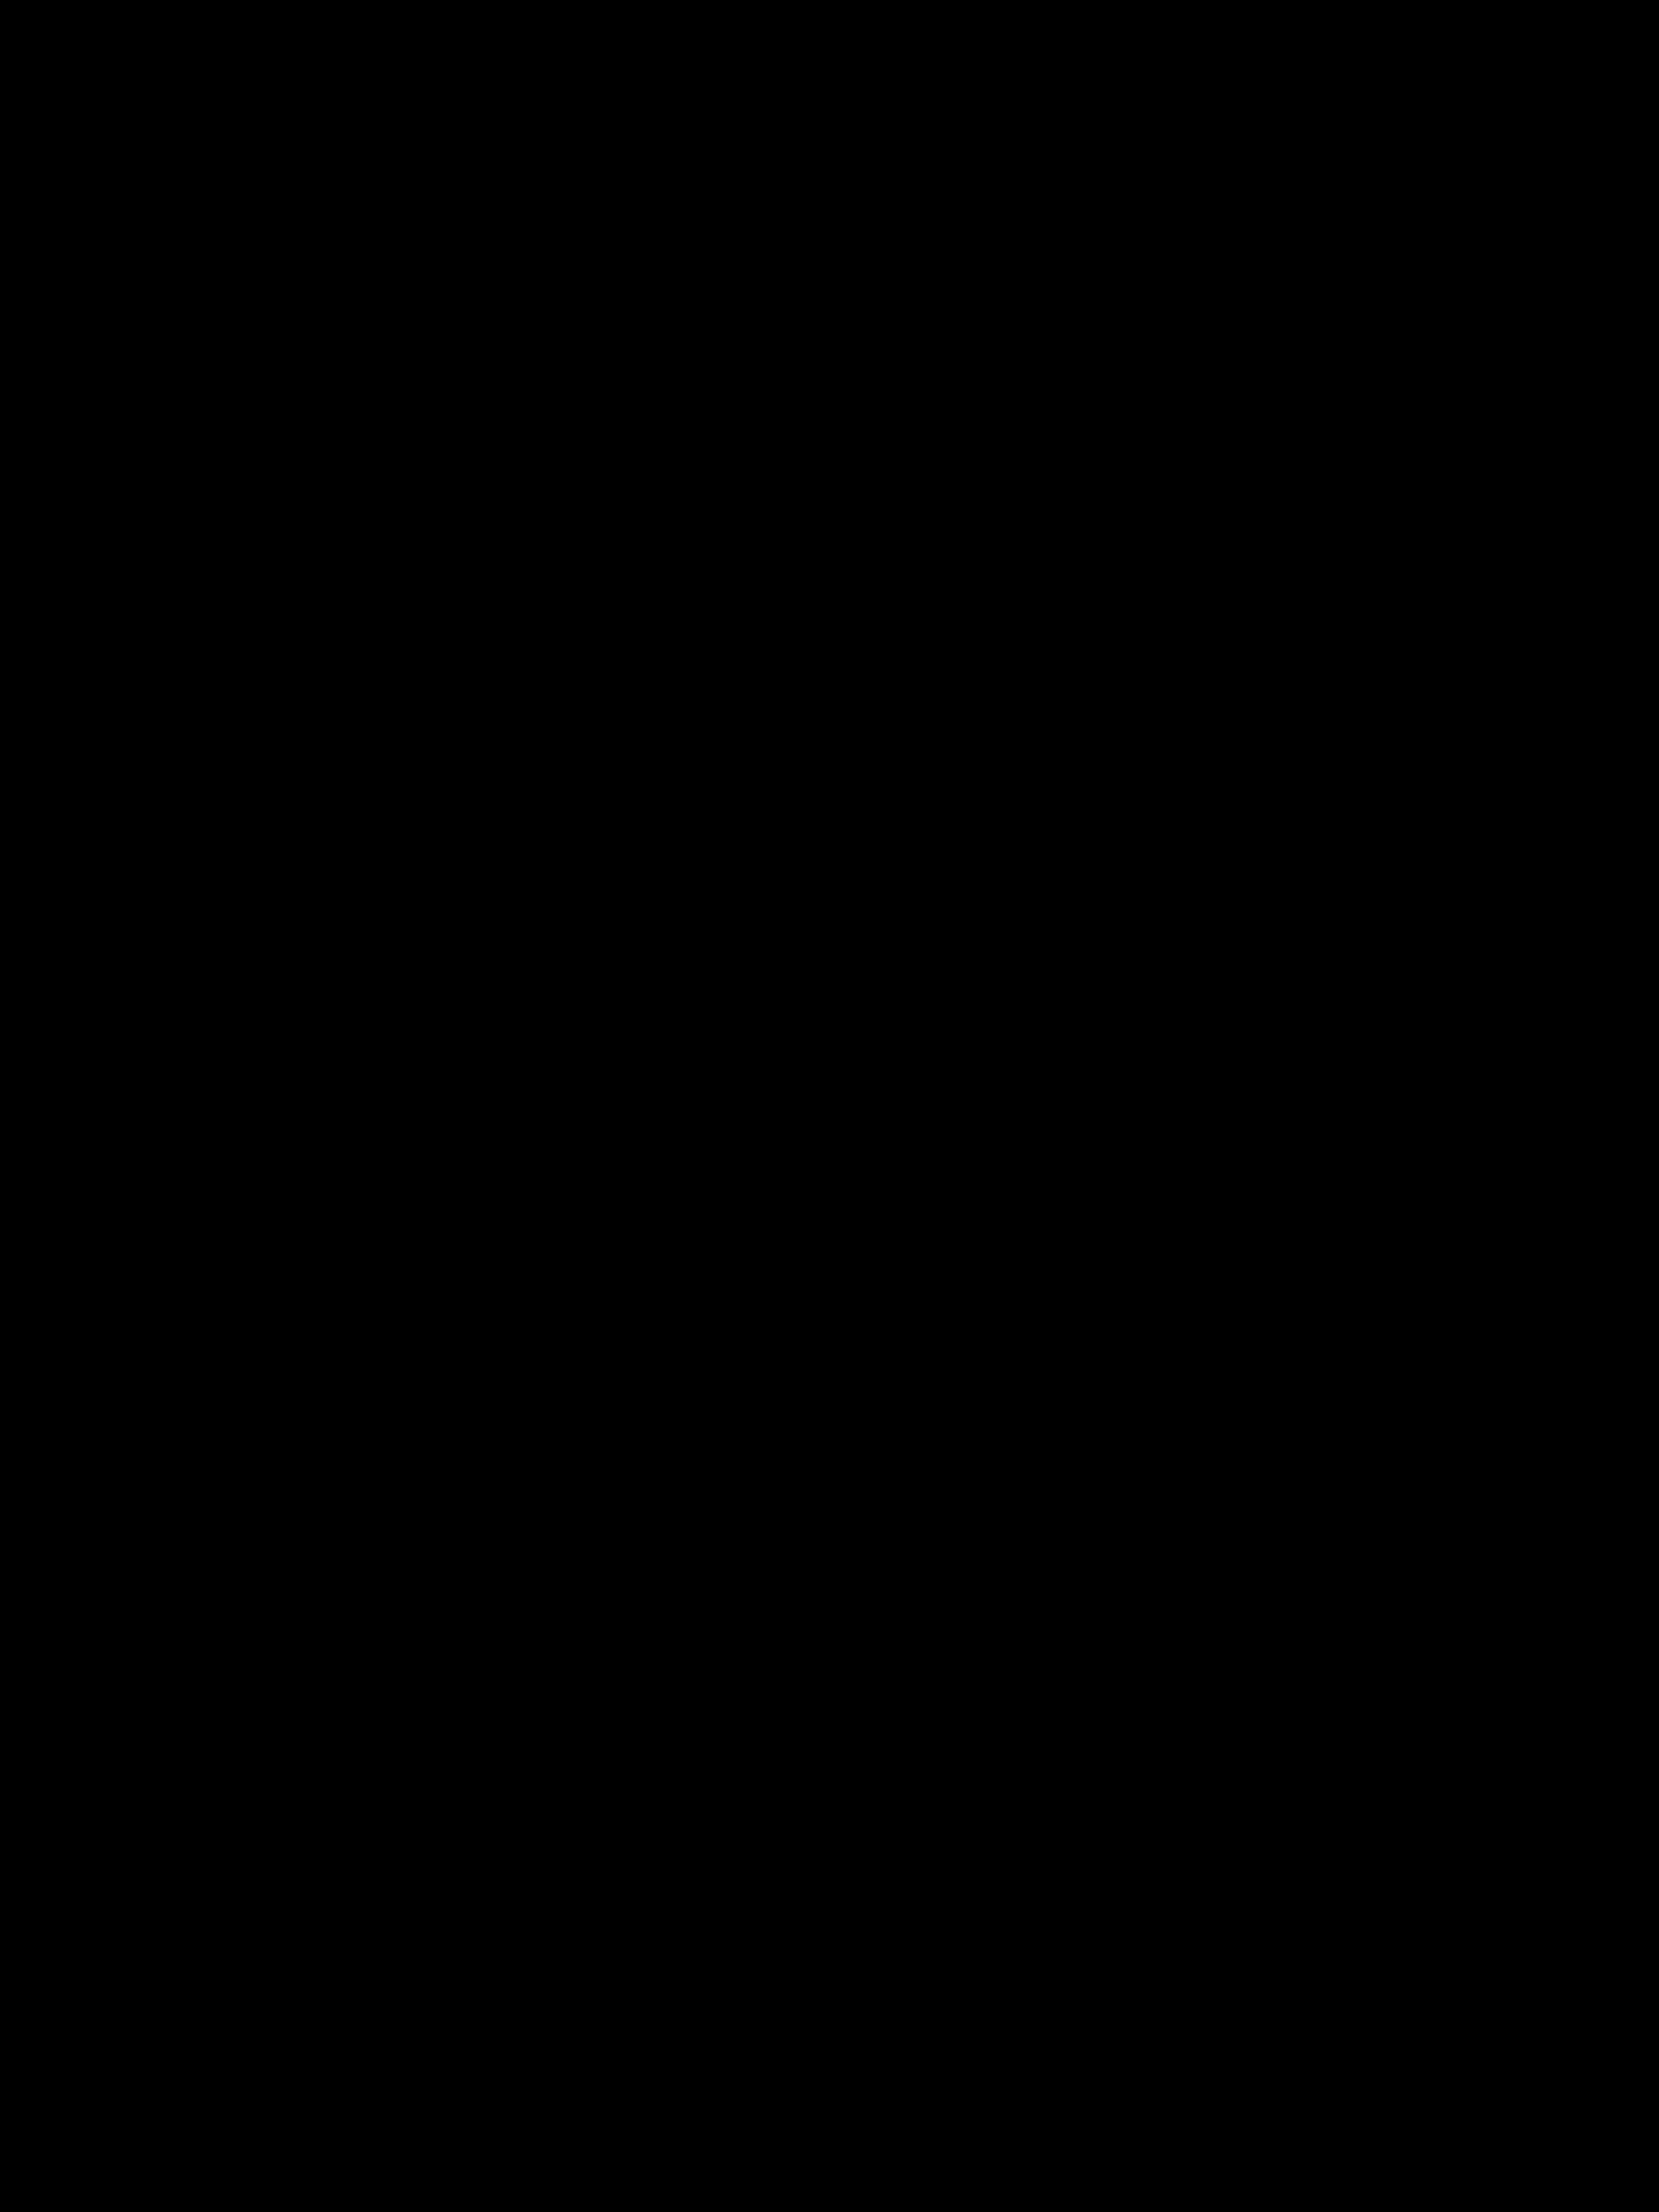 kitchen Lower.JPG